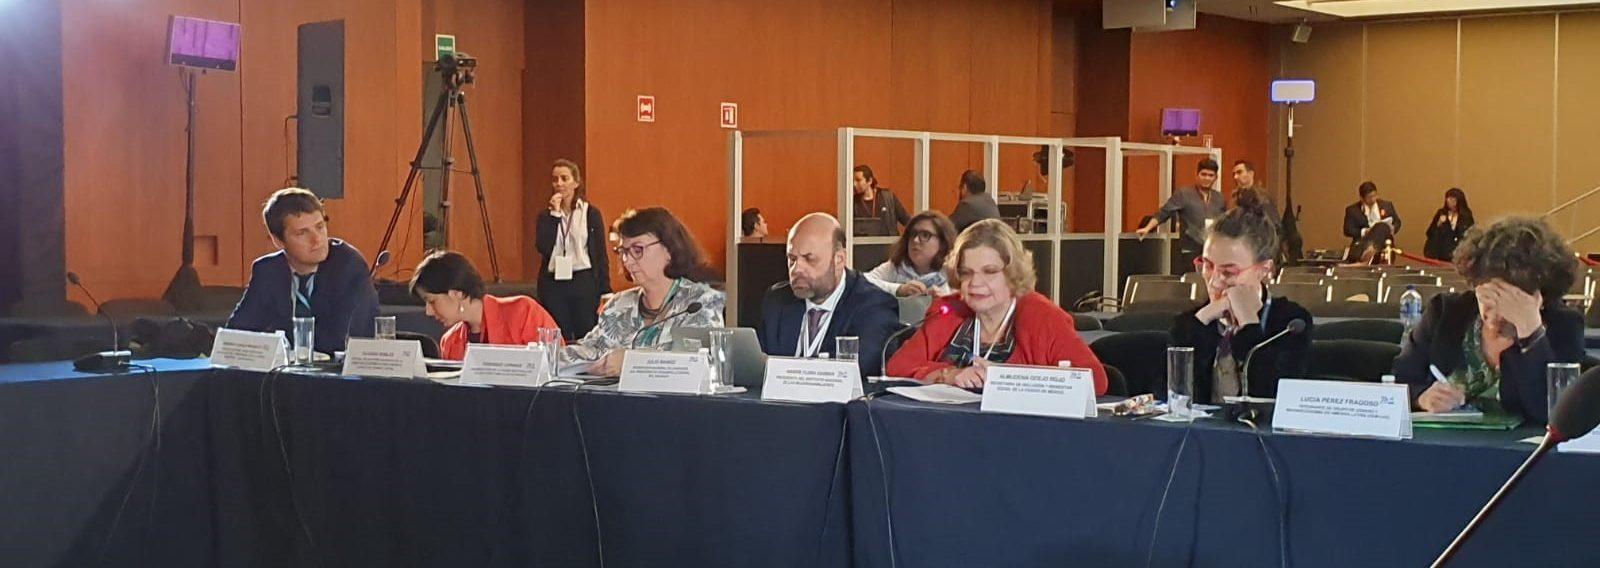 Autoridades e instituciones de América Latina y el Caribe aprueban en México la Agenda Regional de Desarrollo Social Inclusivo